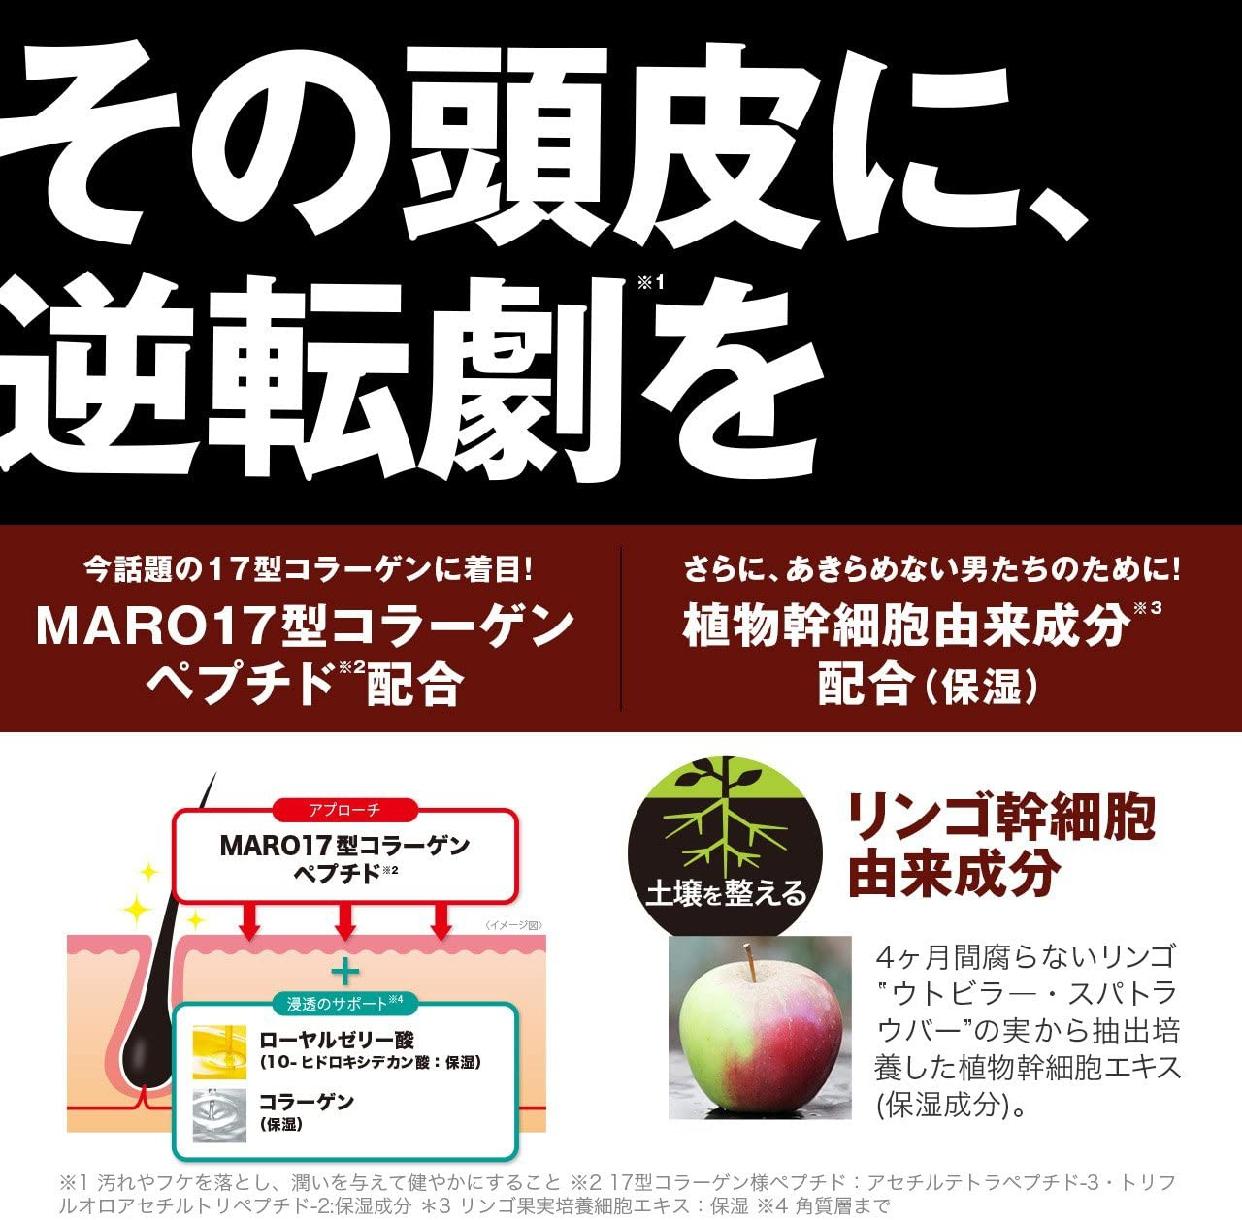 MARO17(マーロ17) スカルプ コラーゲン シャンプー パーフェクトウォッシュの商品画像10